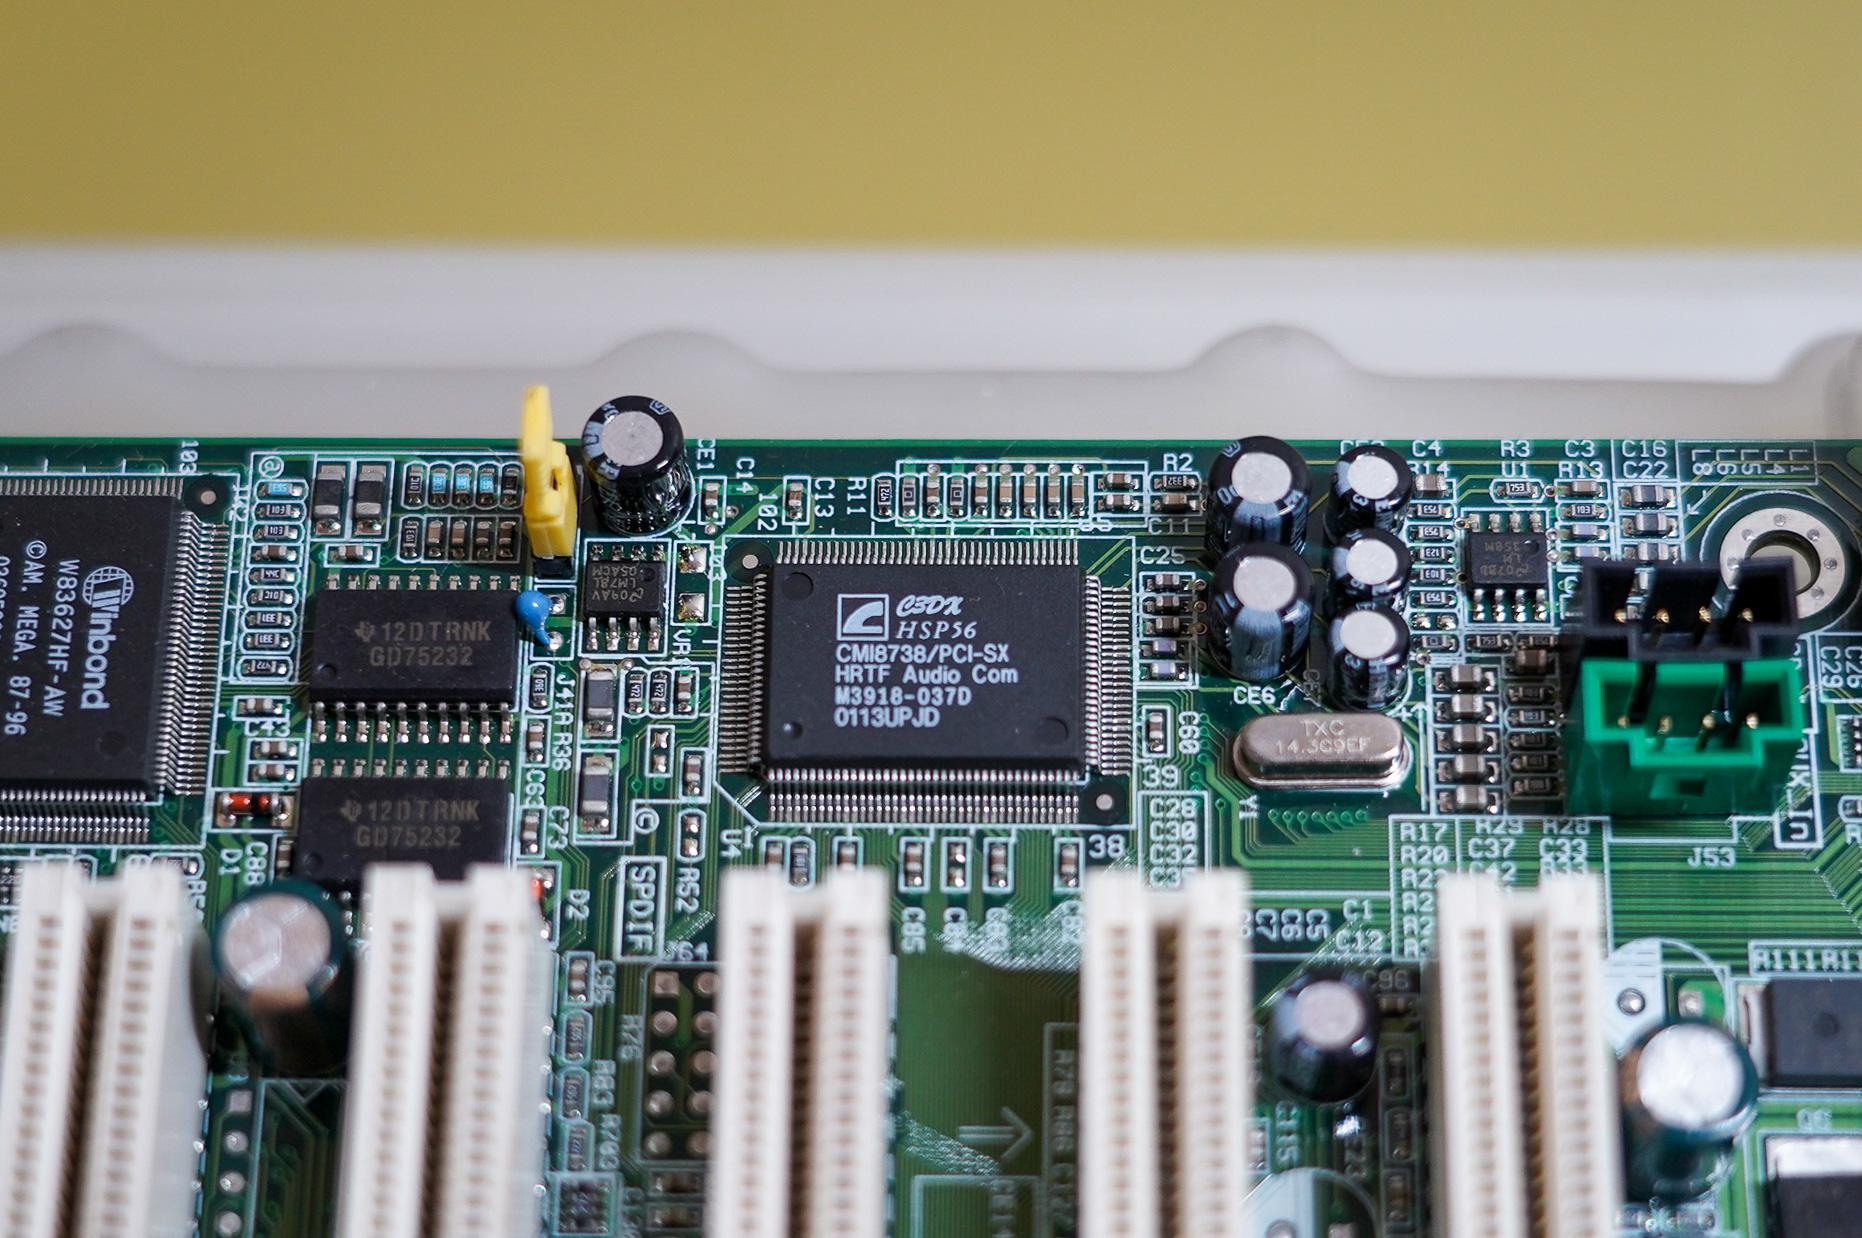 オーディオコントローラはC-MediaのCMI8338、当時のマザーボードにはオンボードオーディオコントローラとしてよく搭載されていた